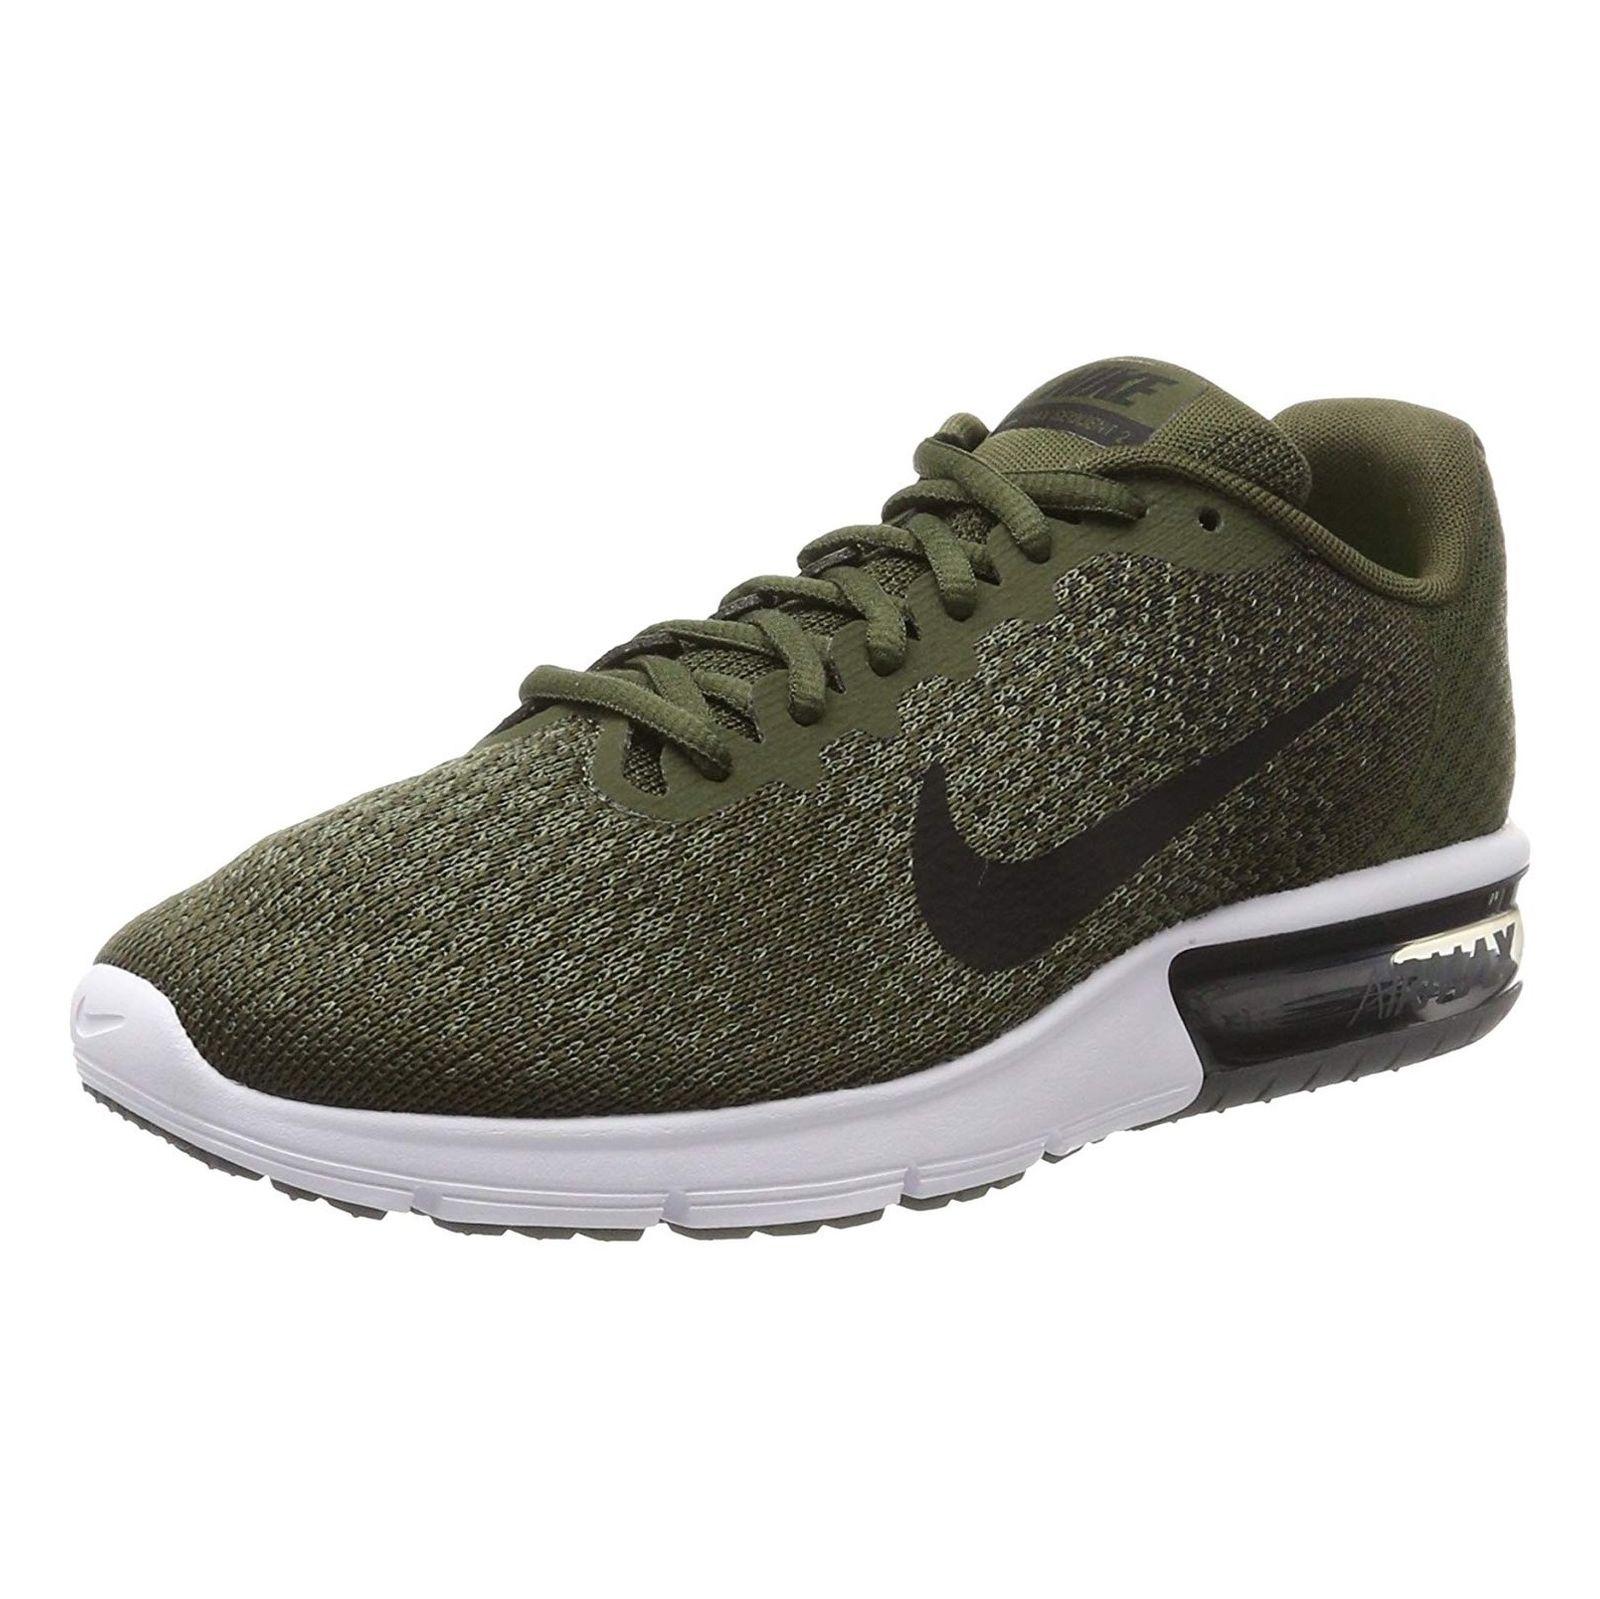 کفش دویدن بندی مردانه Air Max Sequent 2 - نایکی - زيتوني - 3